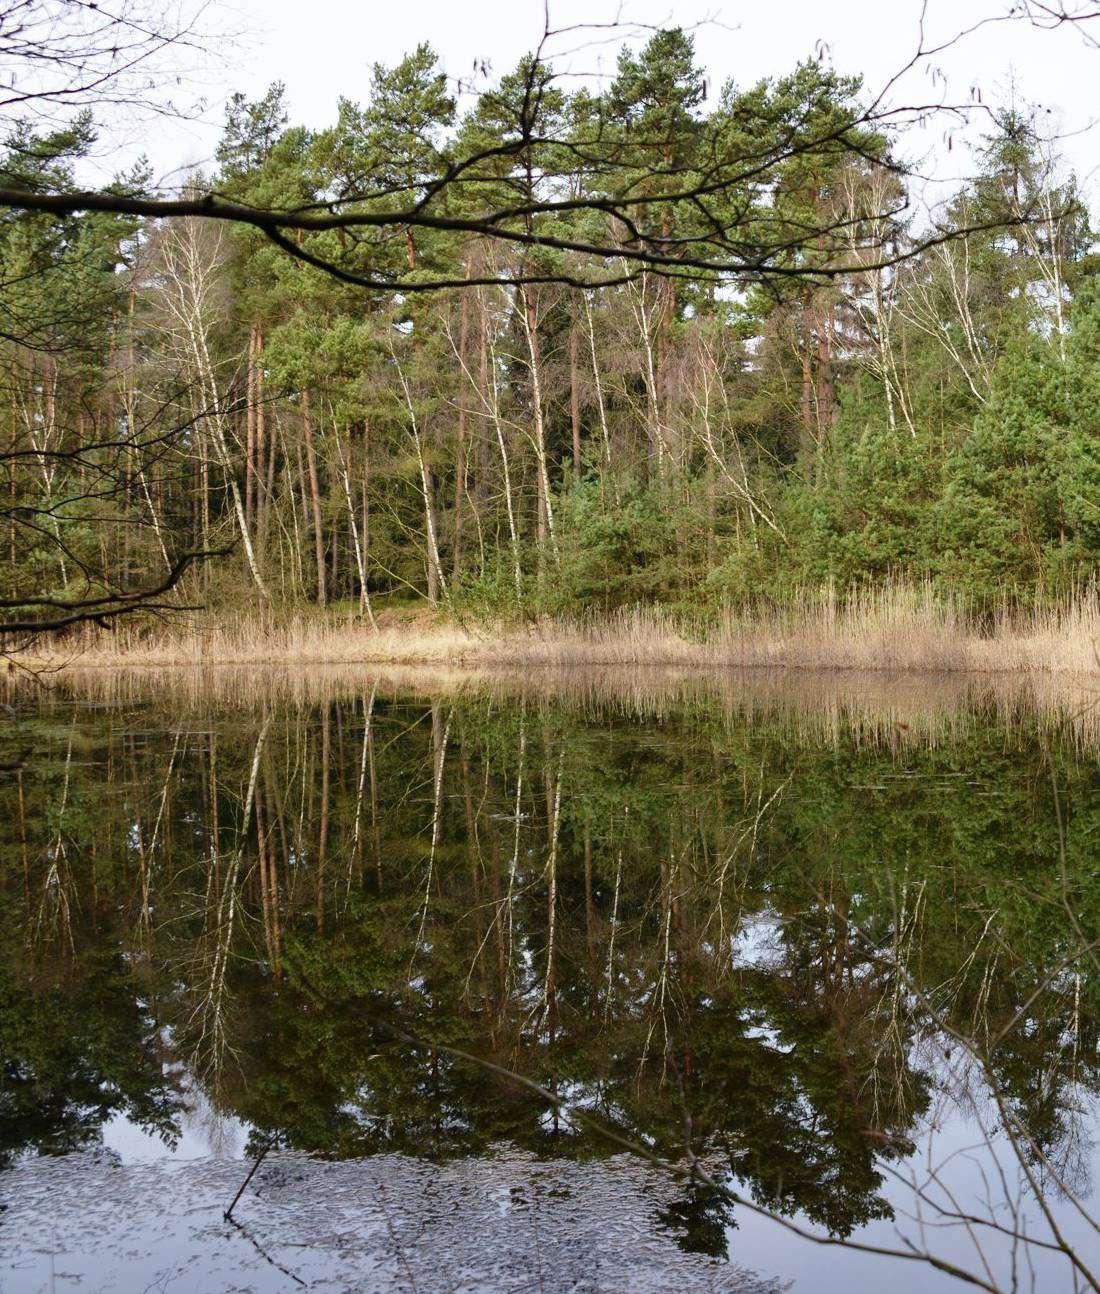 Der Silbersee im Trochel ist ein sehenswertes Sekundärbiotop. Foto: Joachim Looks